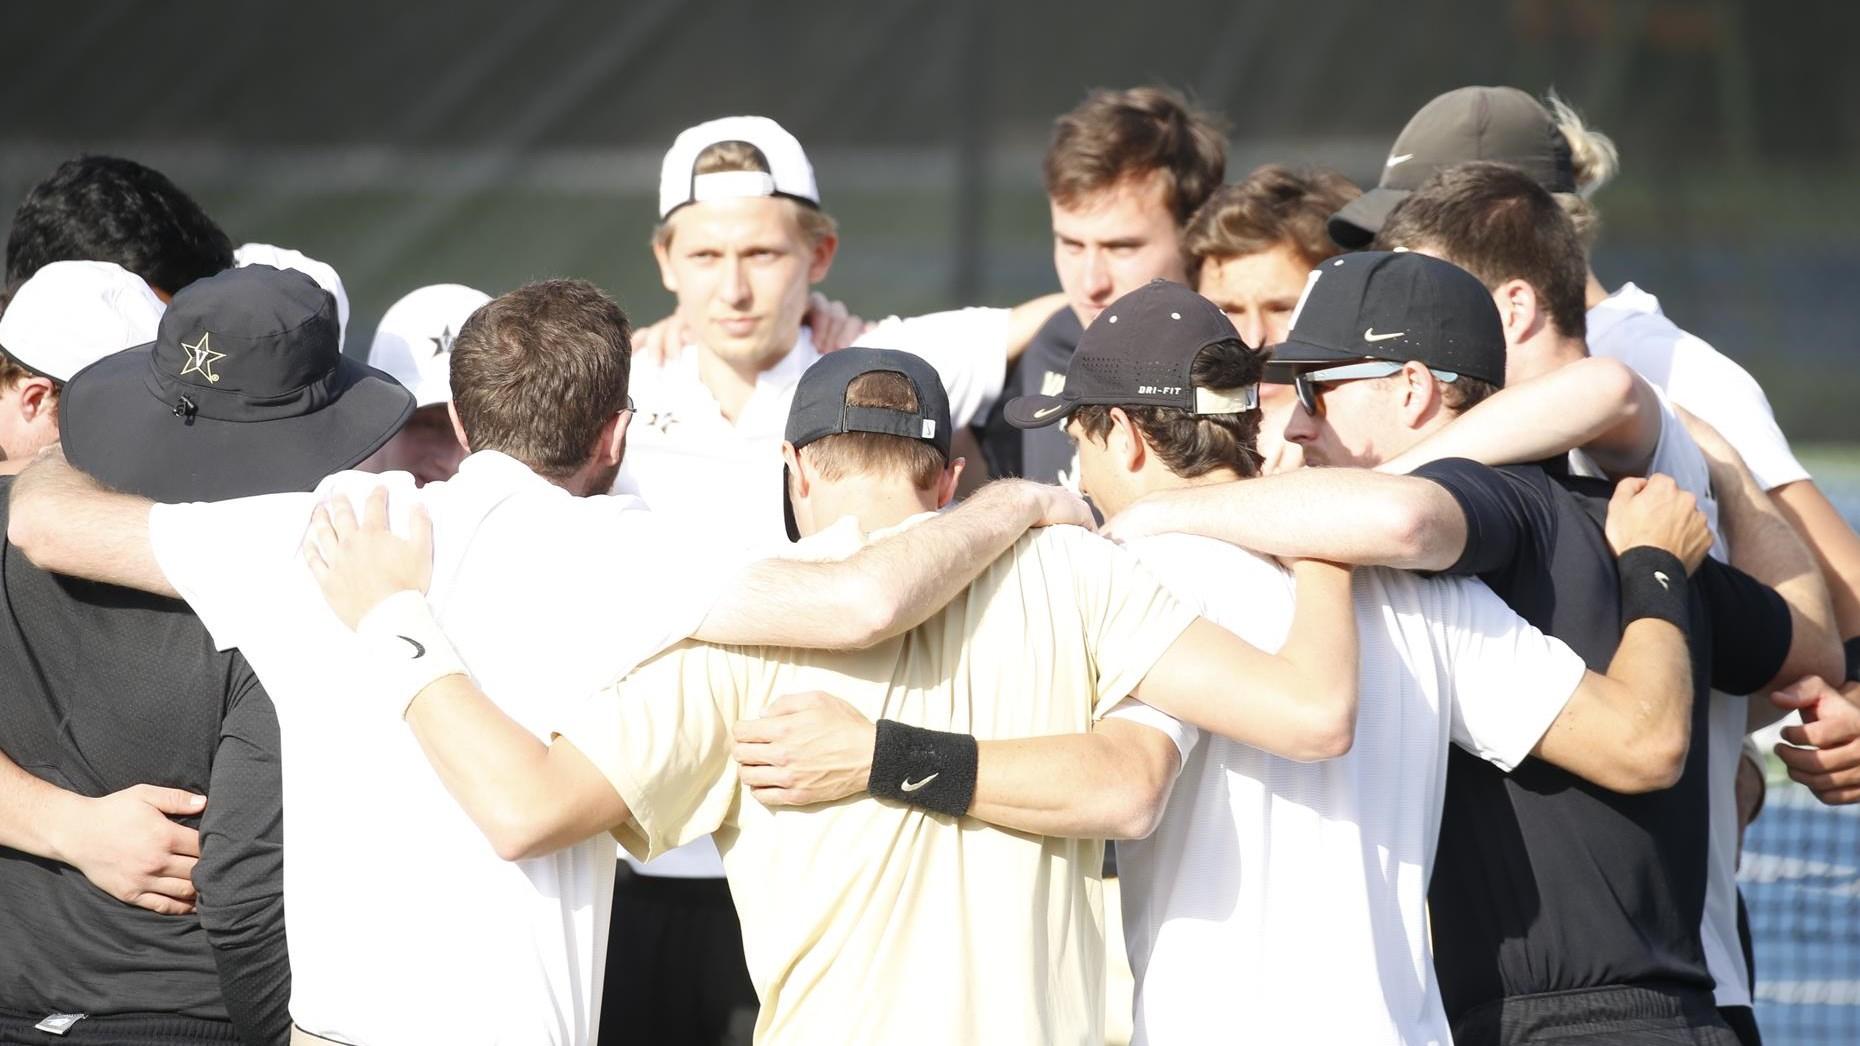 M. tennis huddle